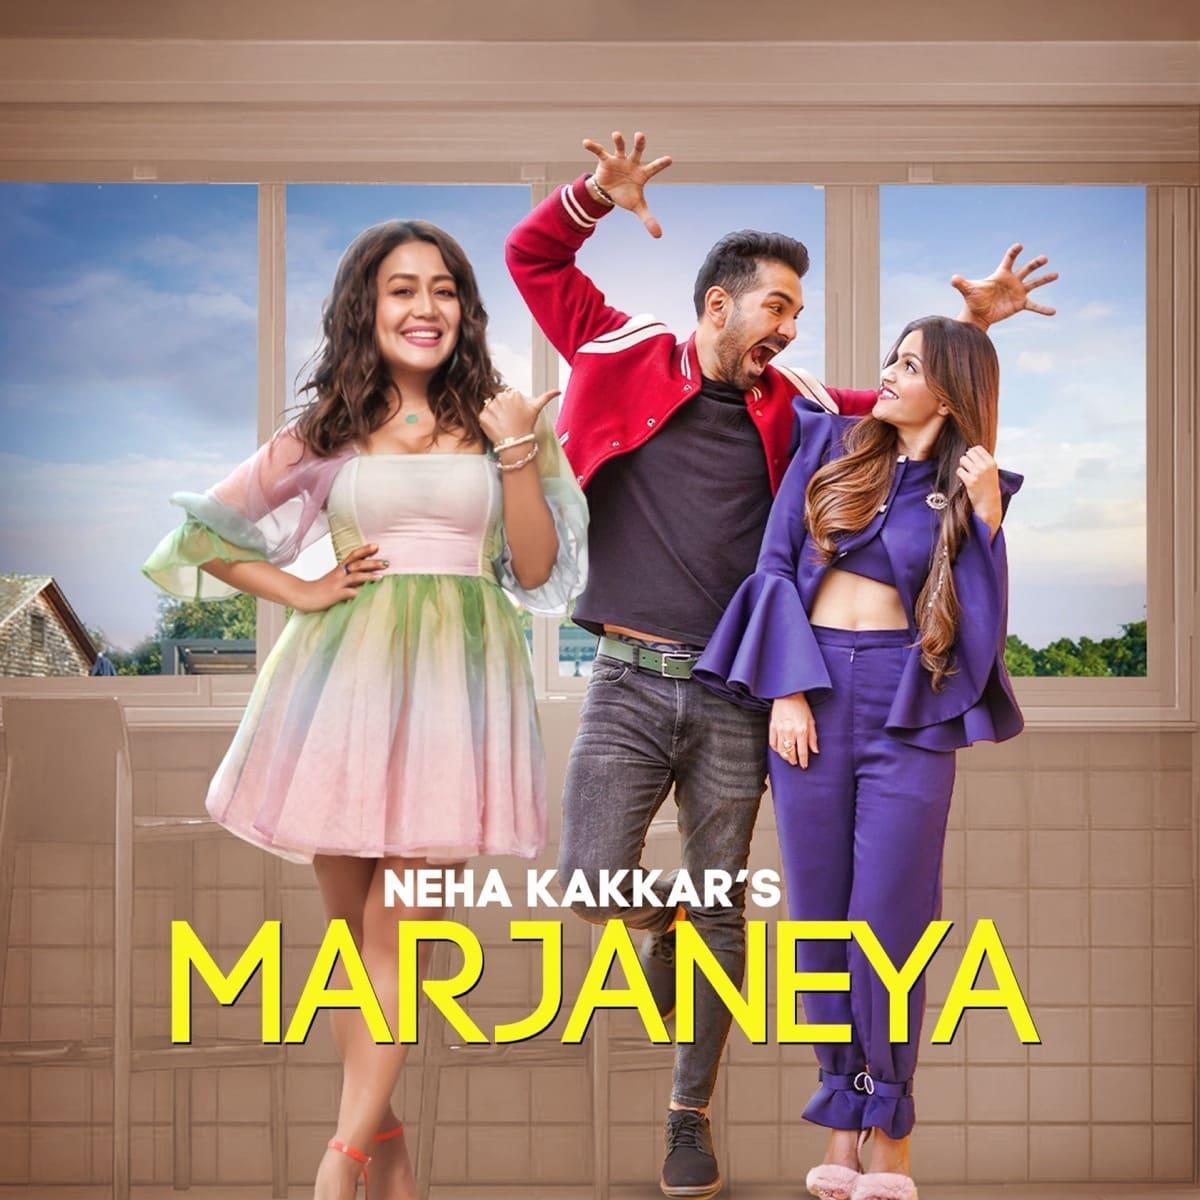 Marjaneya Neha Kakkar Song Download MP3